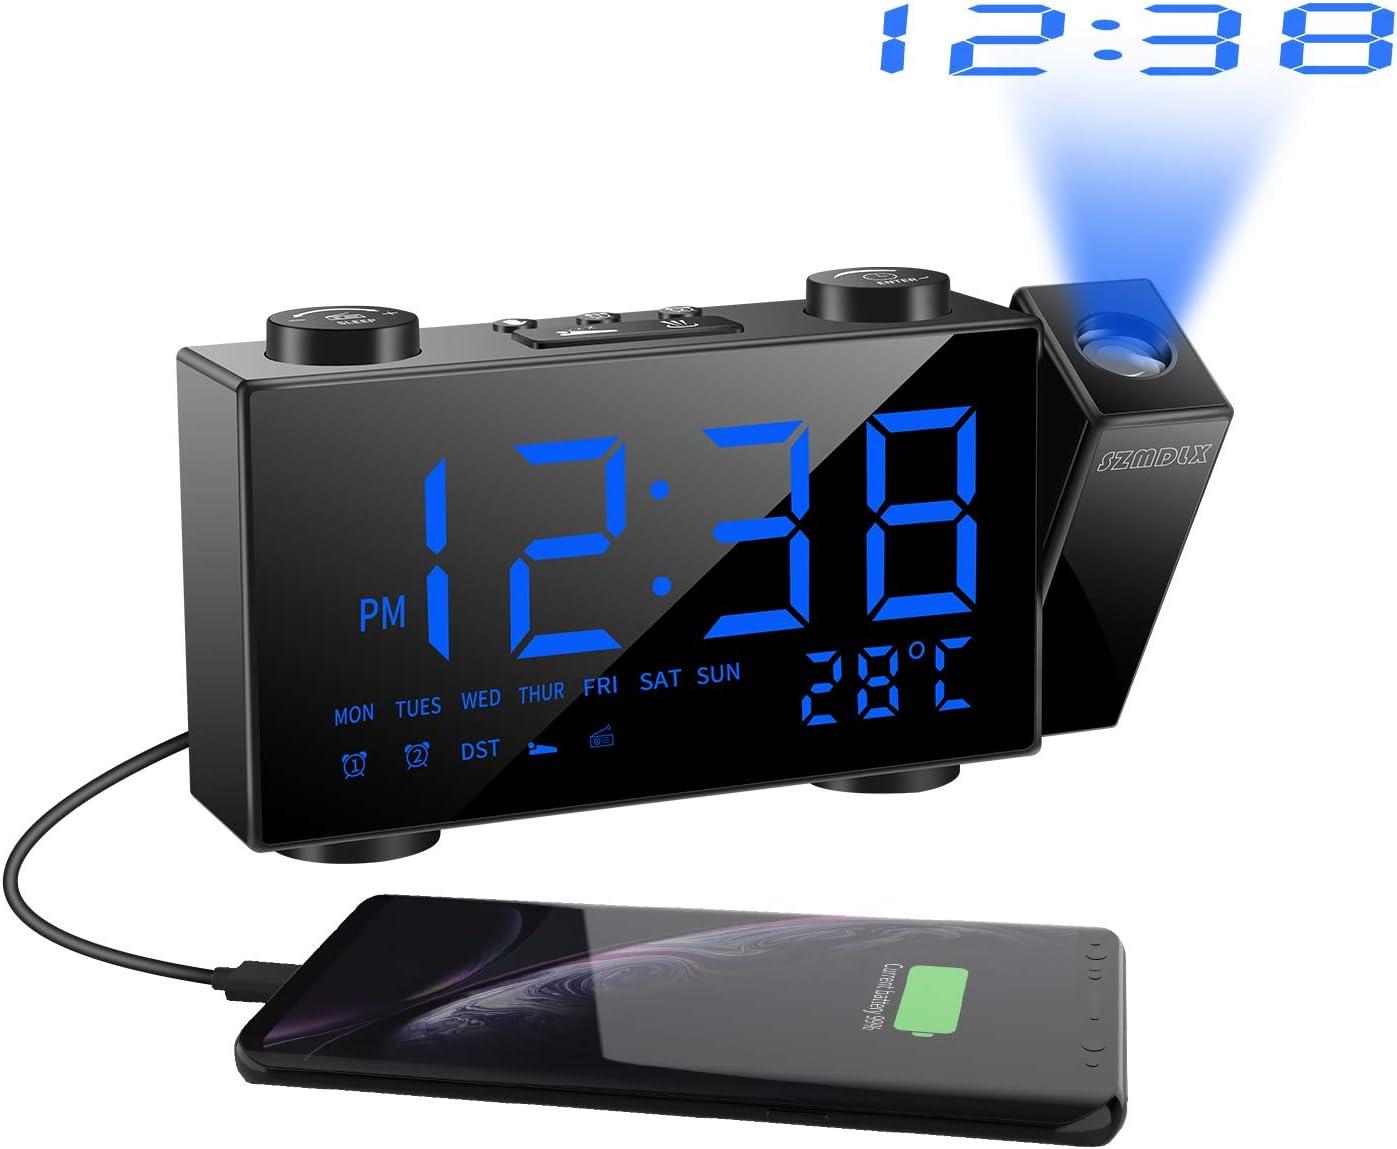 投影時計 SZMDLX デジタル時計 繰り返し設定 ノブで時刻設定 投影 FMラジオ 温度表示 電源式 投影方向反転可能 180度回転 ダブルアラーム 目覚まし時計 壁 天井 日本語取扱説明書付き